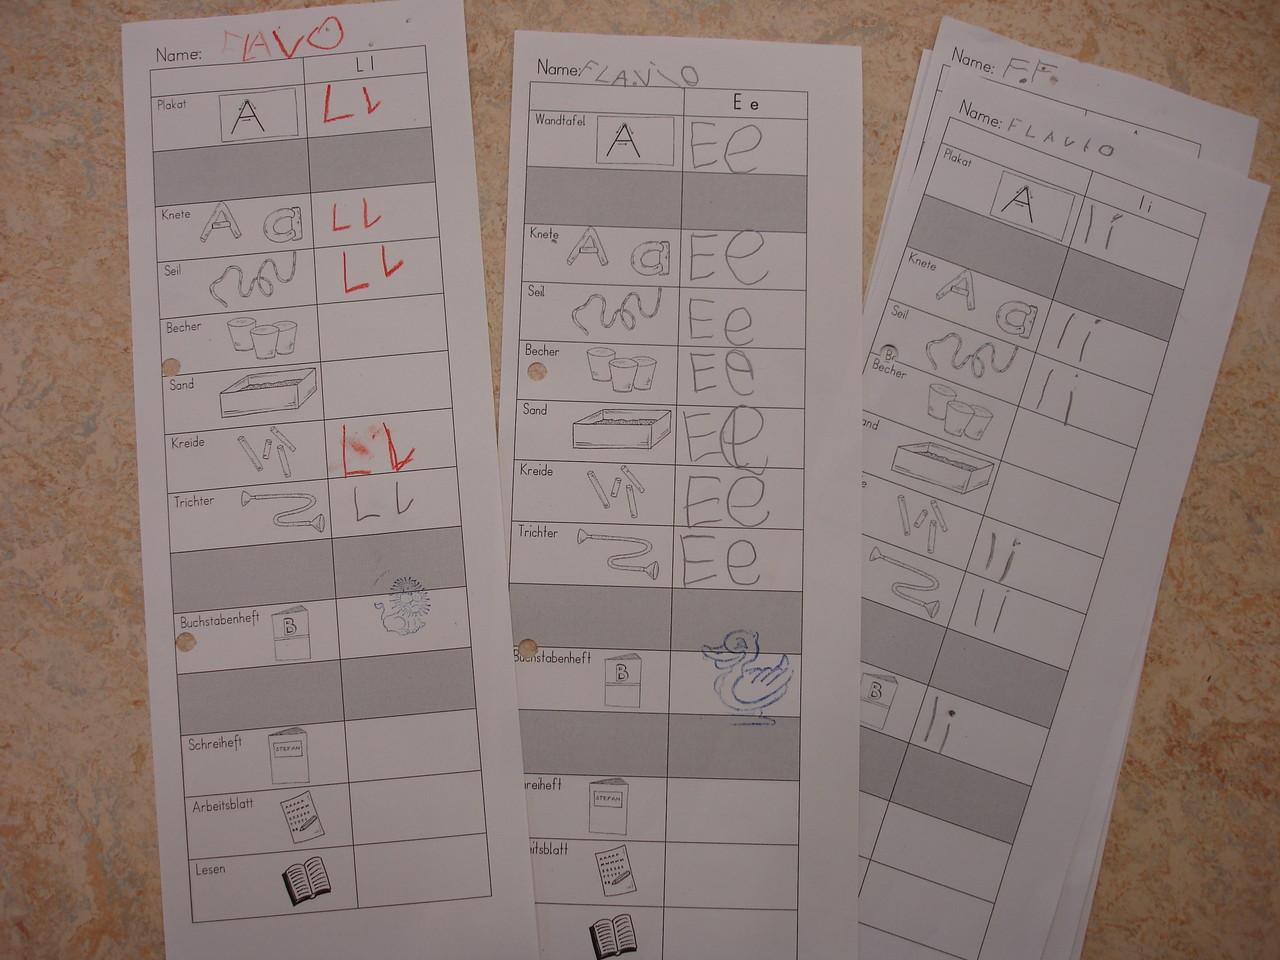 Buchstabenpass für die Buchstabenreise (Kinder arbeiten mit verschiedenen Materialien und ERFAHREN die Buchstaben mit verschiedenen Sinnen)